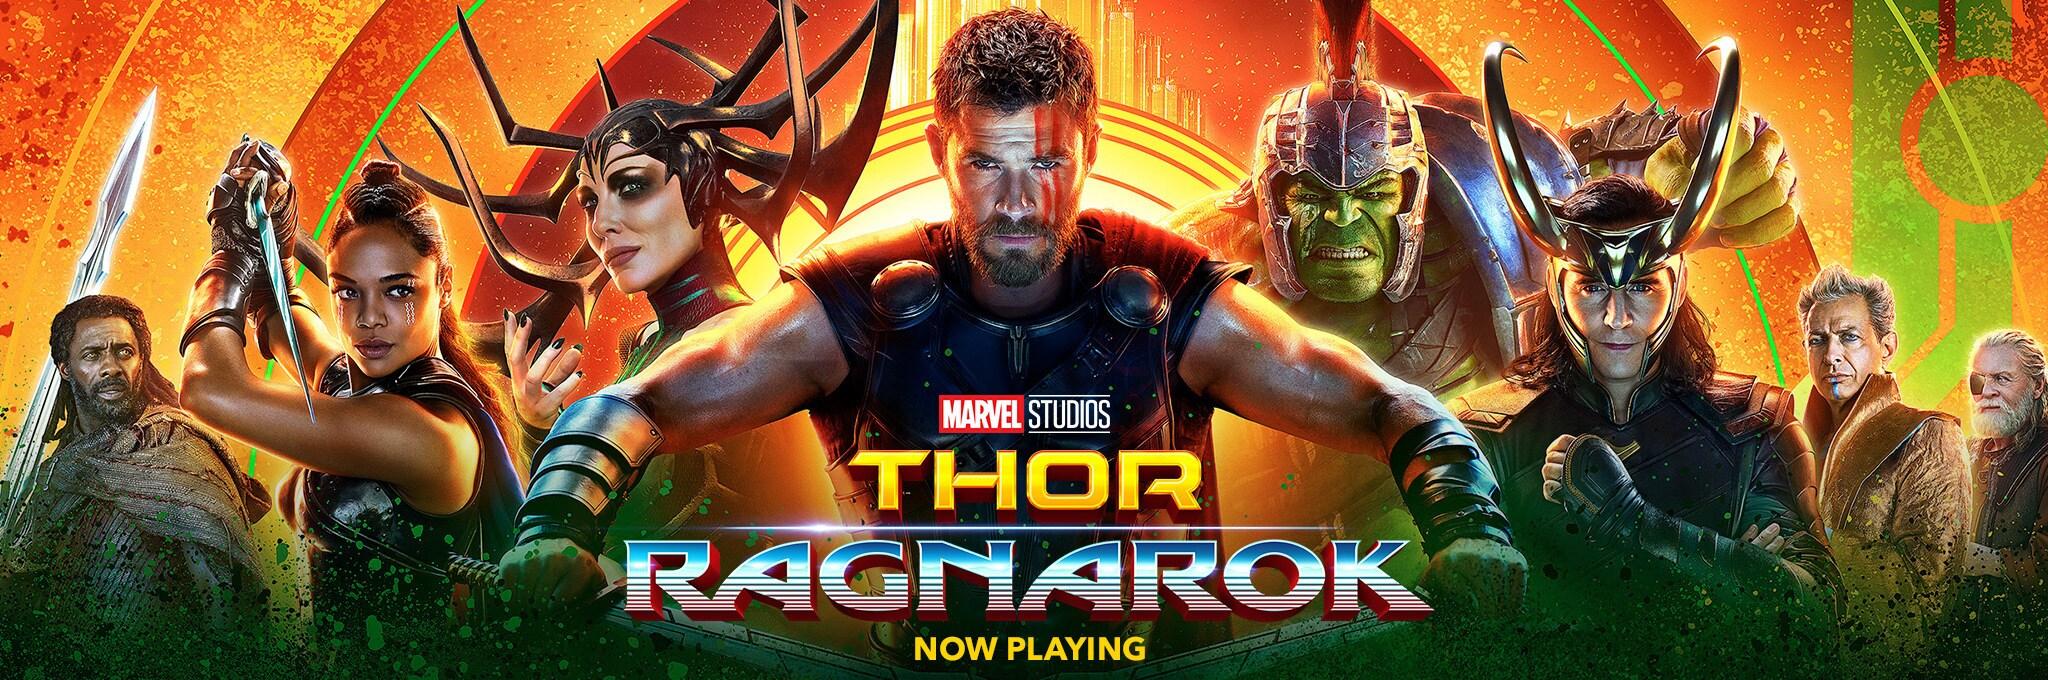 thor ragnarok filme completo dublado torrent